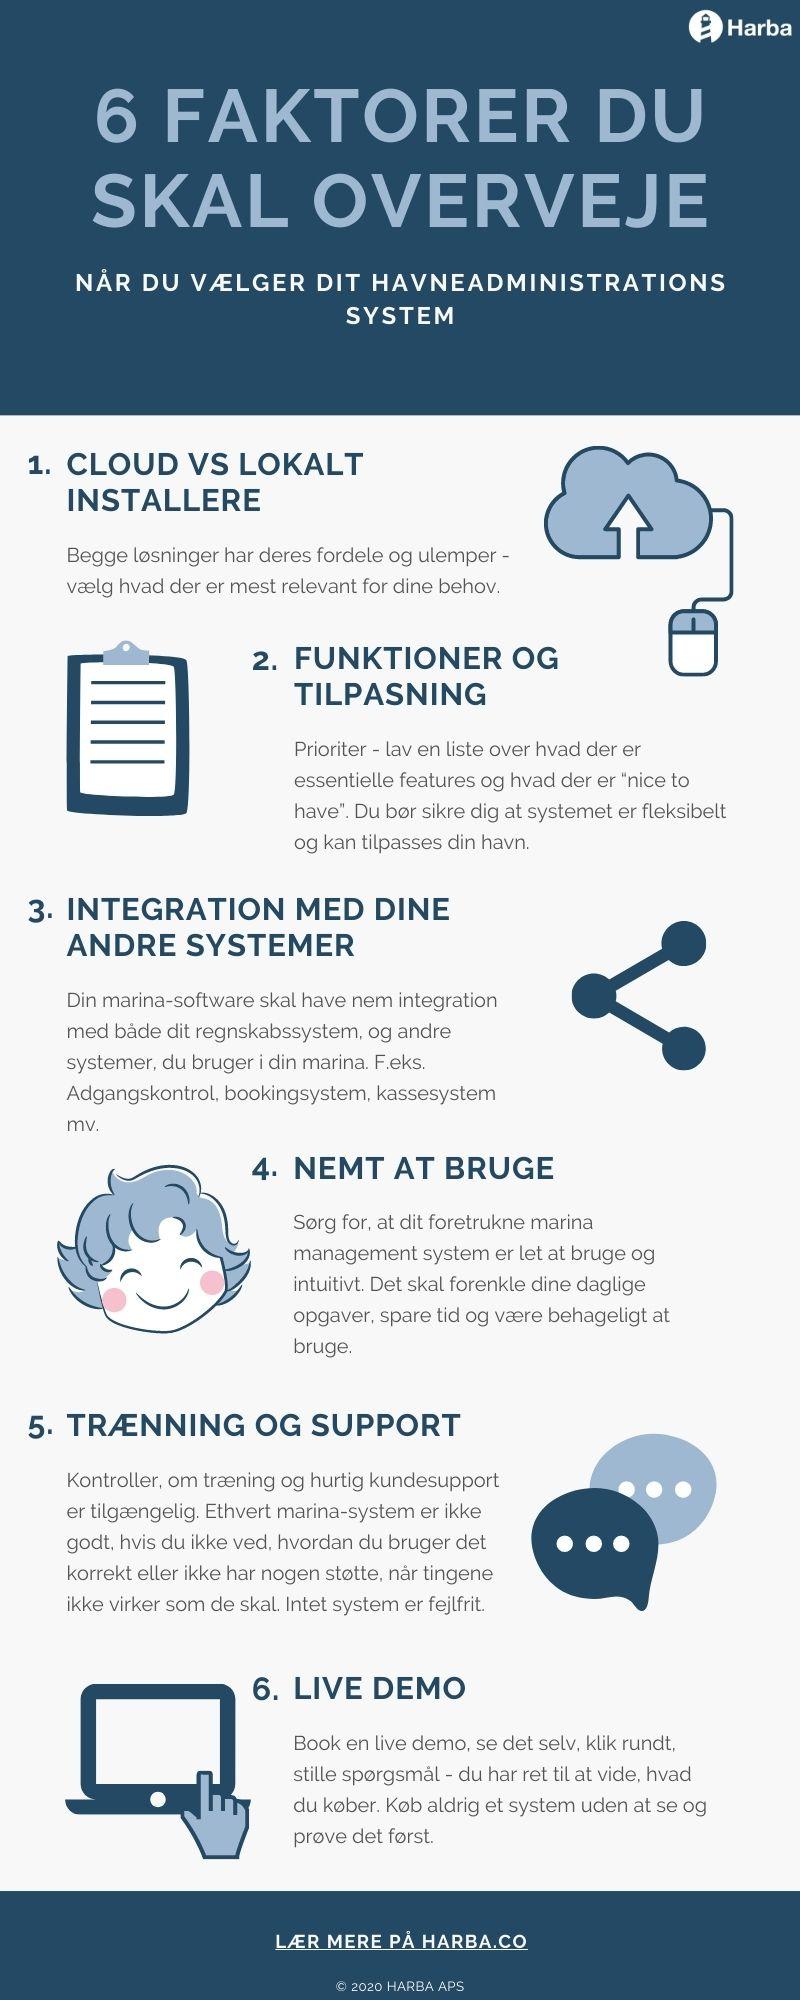 Infographic-DA - 6 faktorer du skal overveje, når du vælger dit havneadministrations system